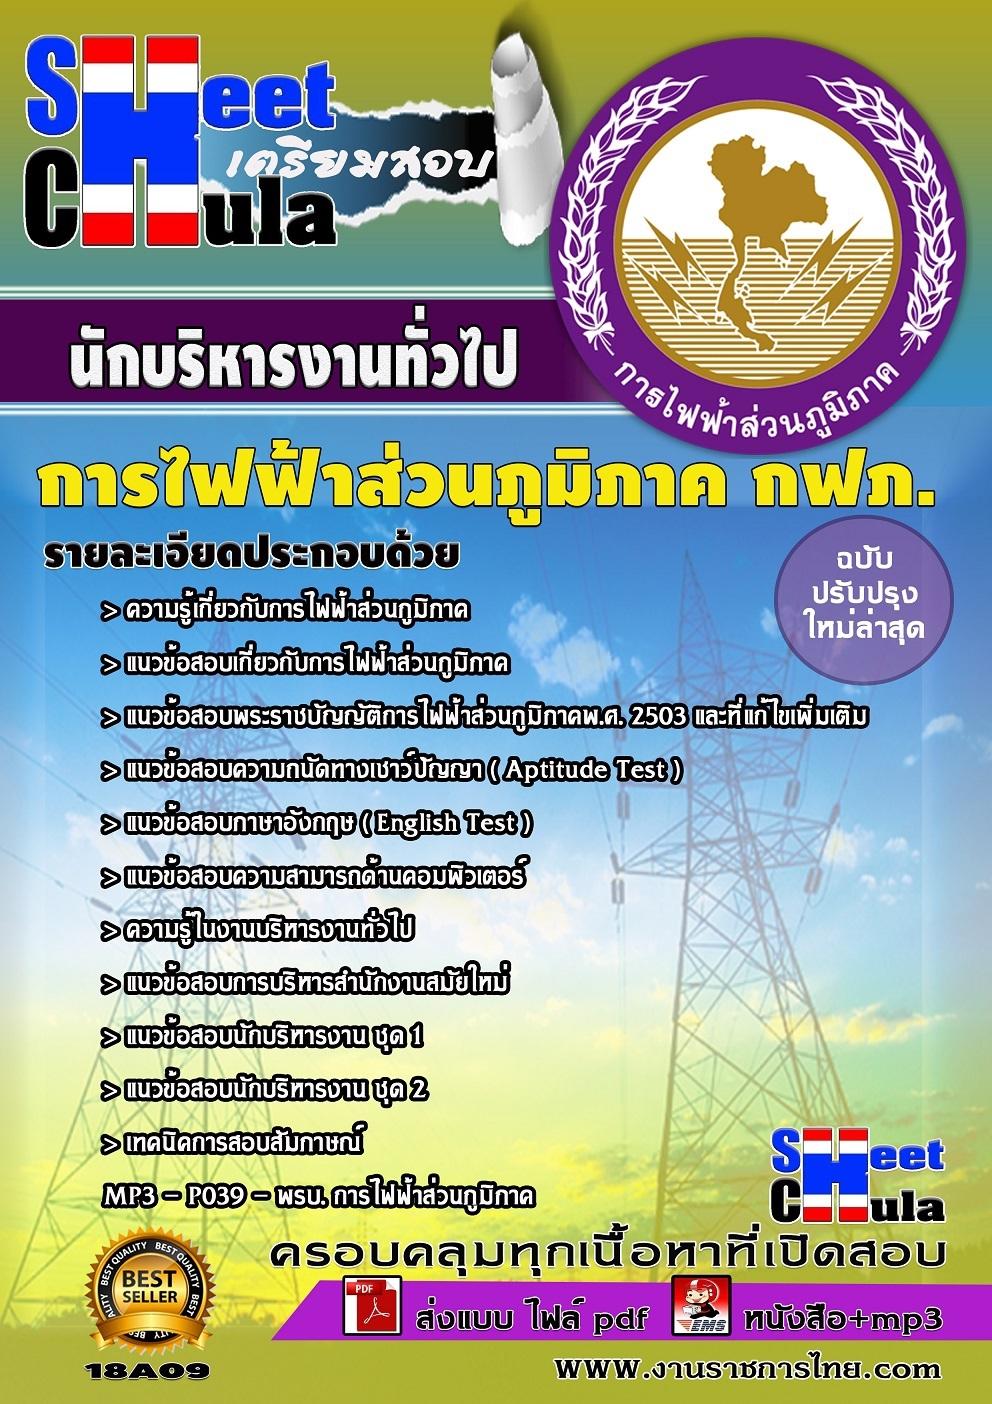 โหลดแนวข้อสอบนักบริหารงานทั่วไป การไฟฟ้าส่วนภุมิภาค ประจำปี2560